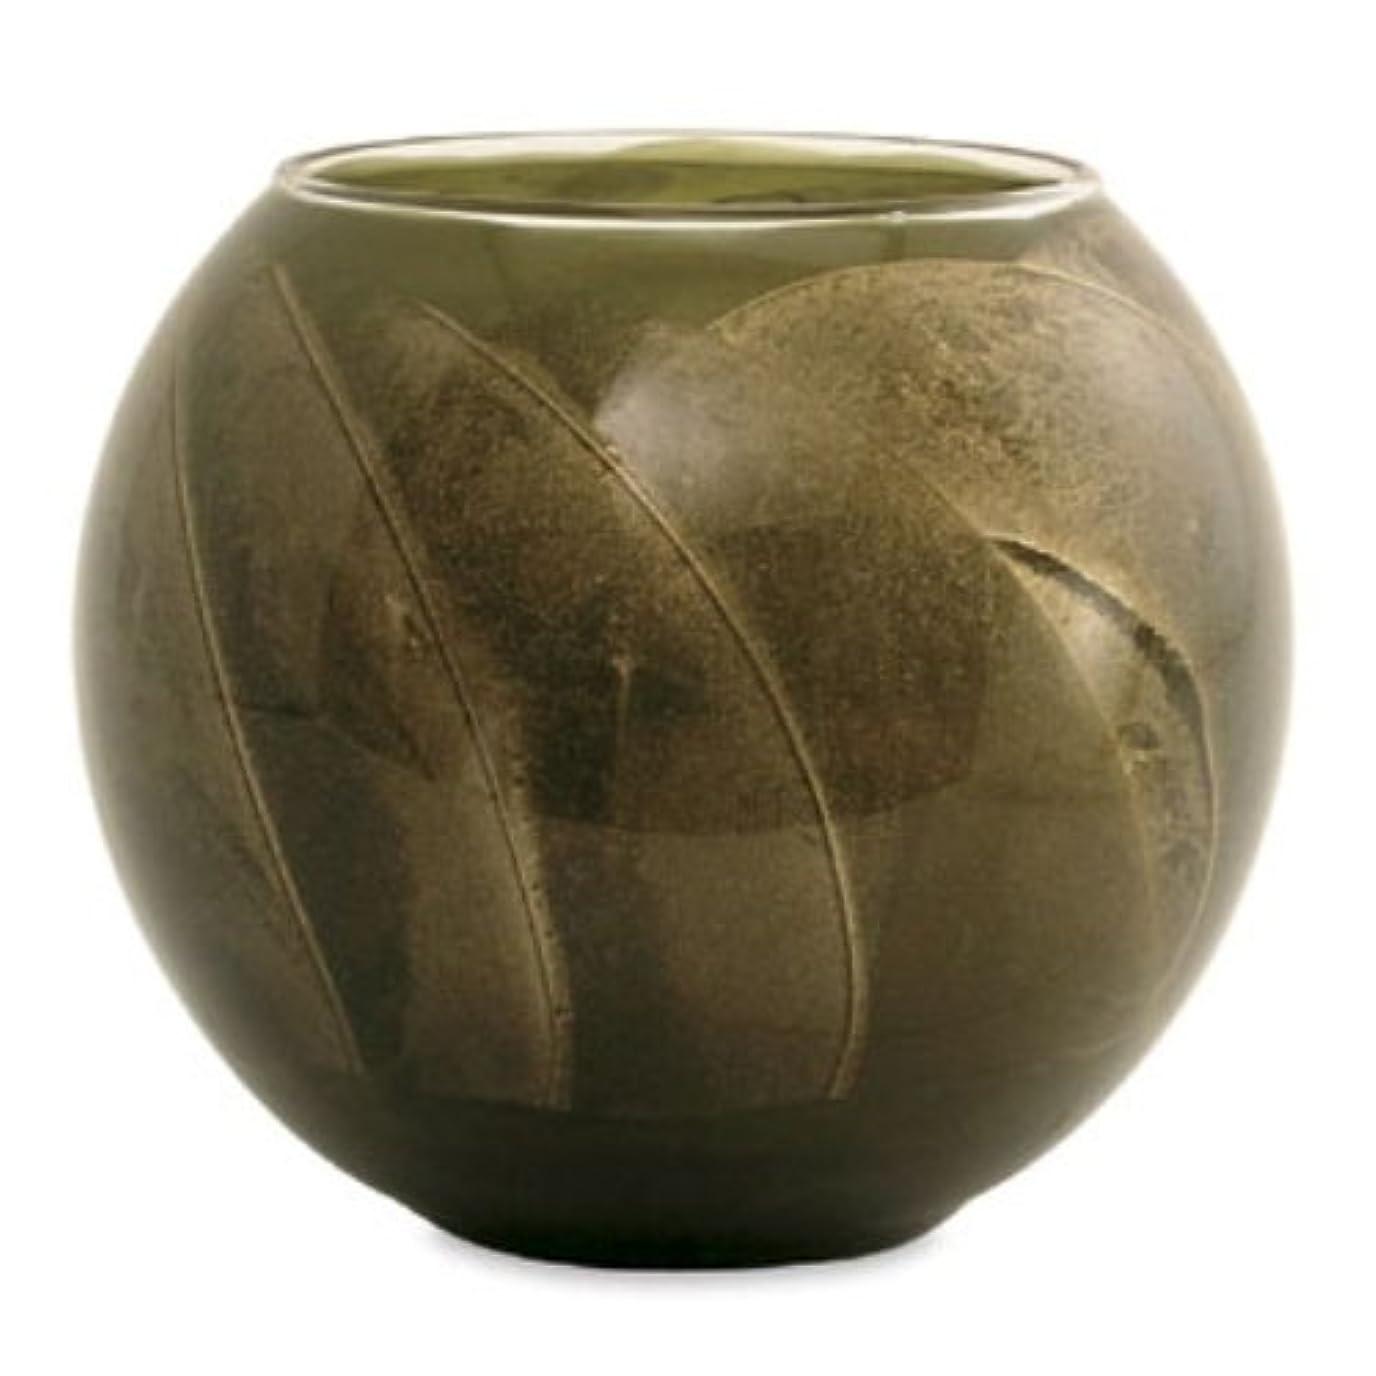 成分持っている保護するNorthern Lights Candles Esque Polished Globe - 4 inch Olive by Northern Lights Candles [並行輸入品]